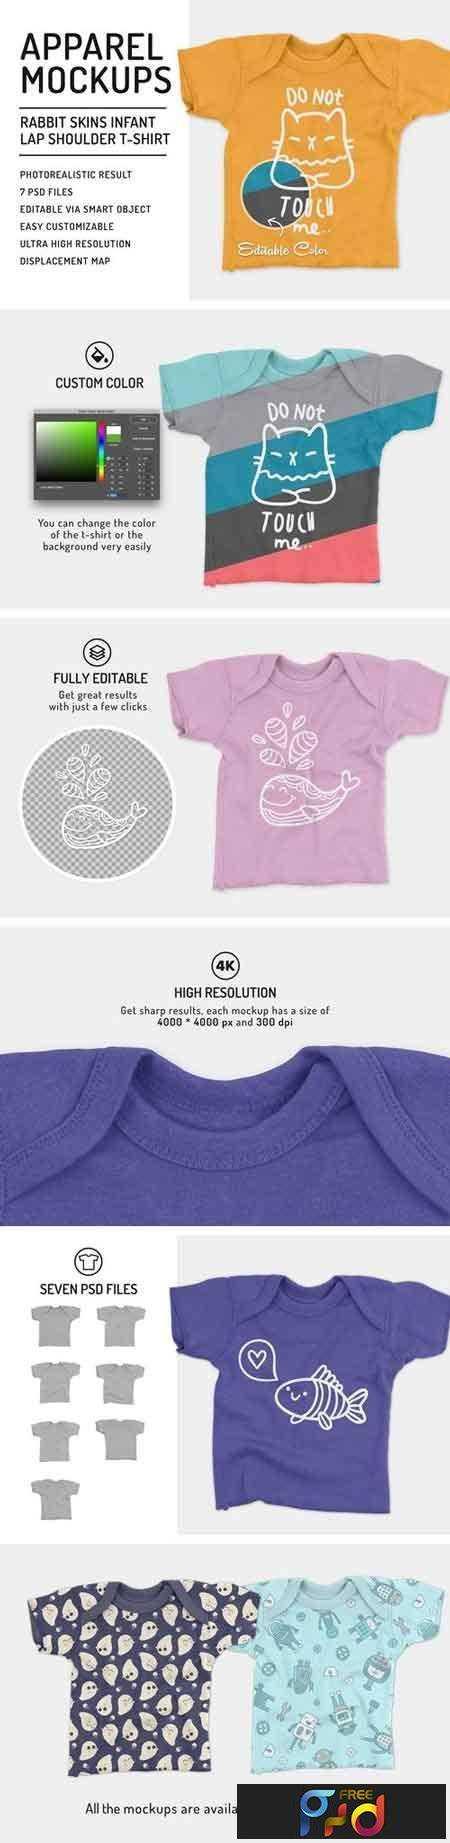 1802218 Infant Lap Shoulder T-Shirt Mockups 2086047 1